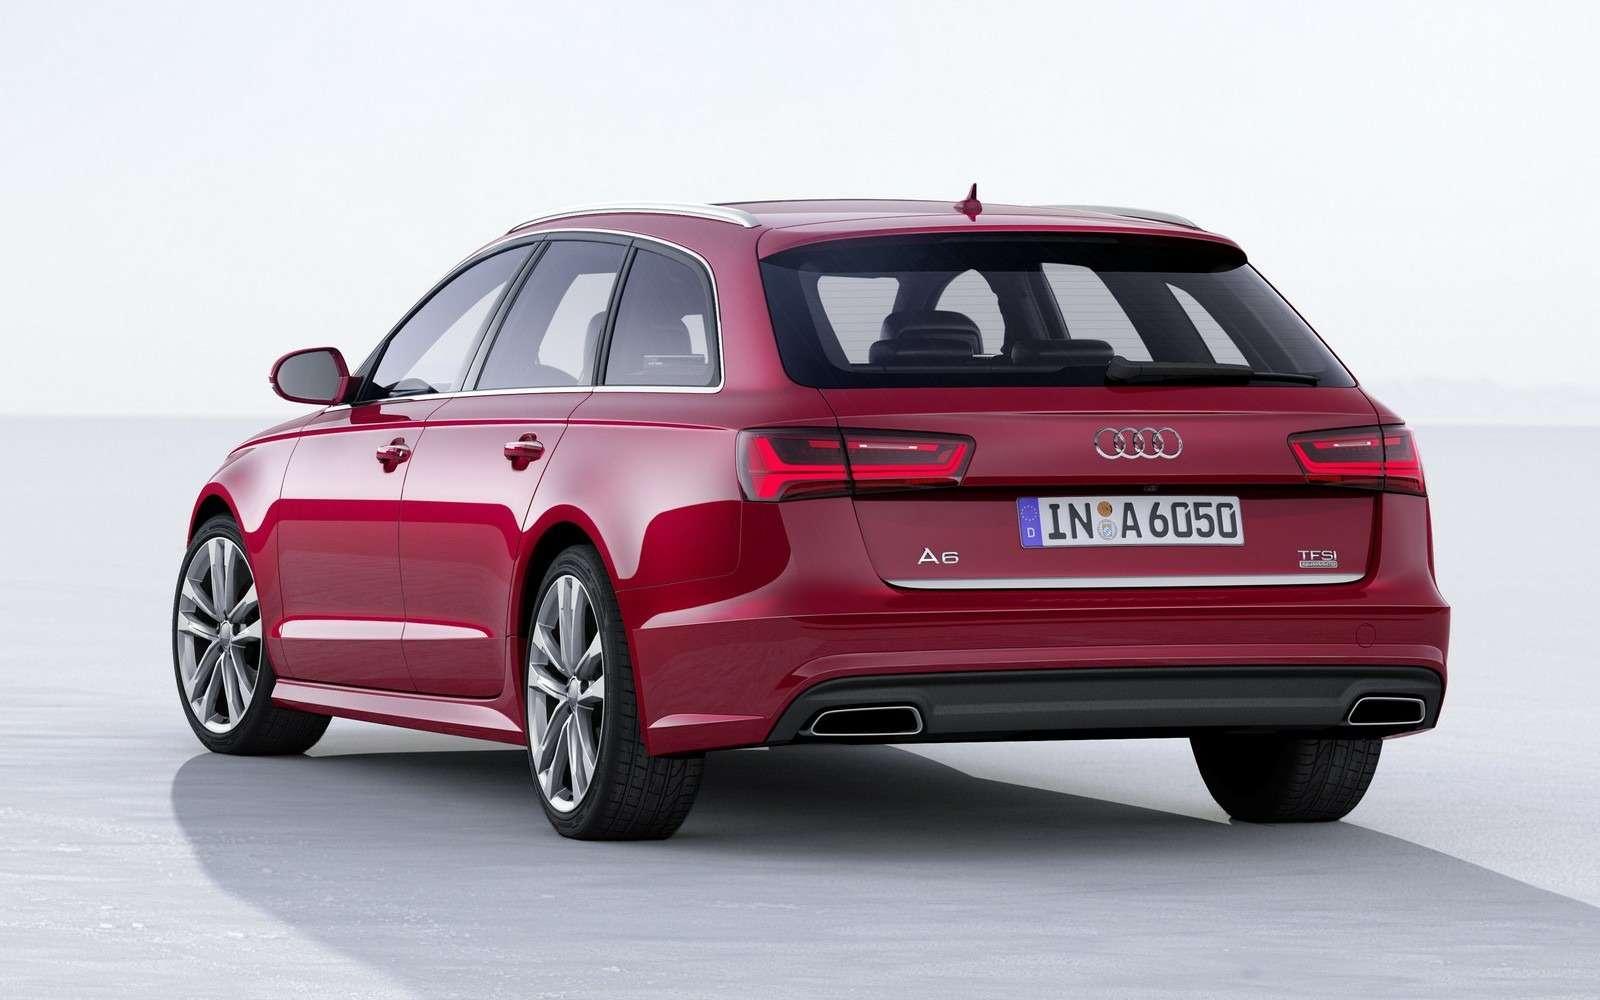 Обновленное семейство Audi A6/A7 хочет понравиться гаджетоманам— фото 579084